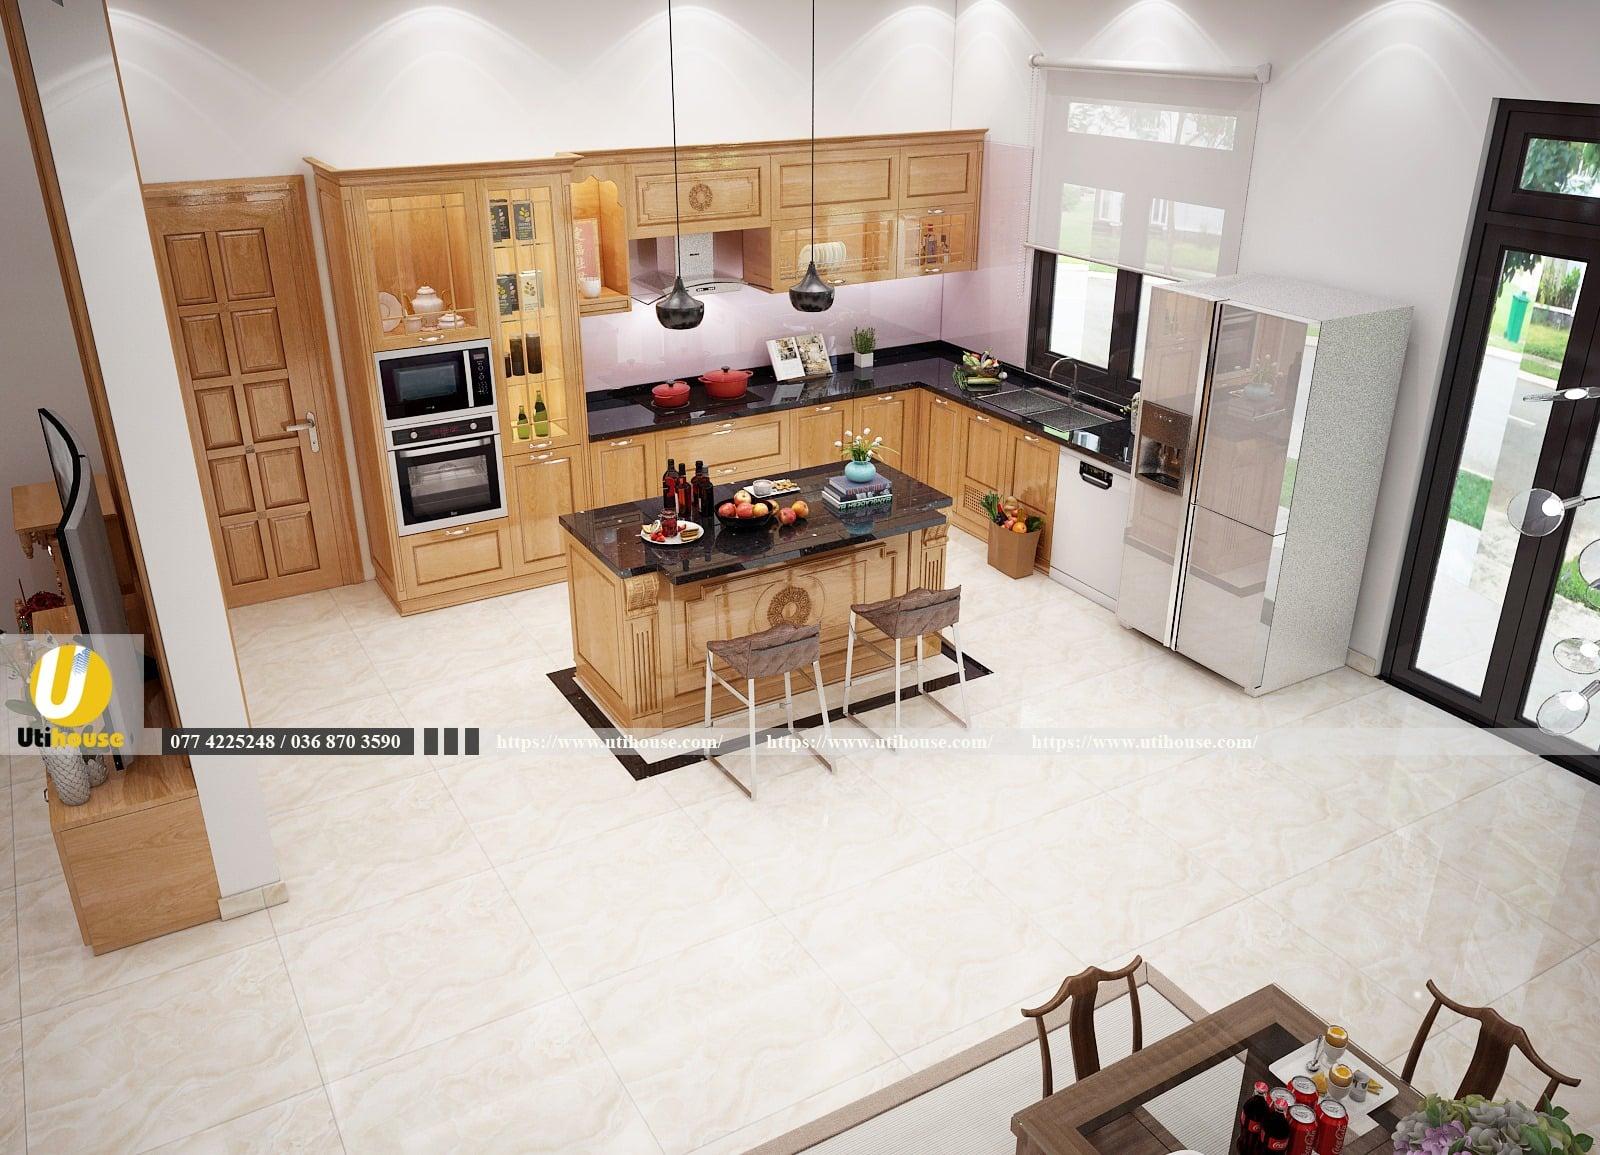 Thiết kế nội thất nhà bếp biệt thự tương phản lạ mắt